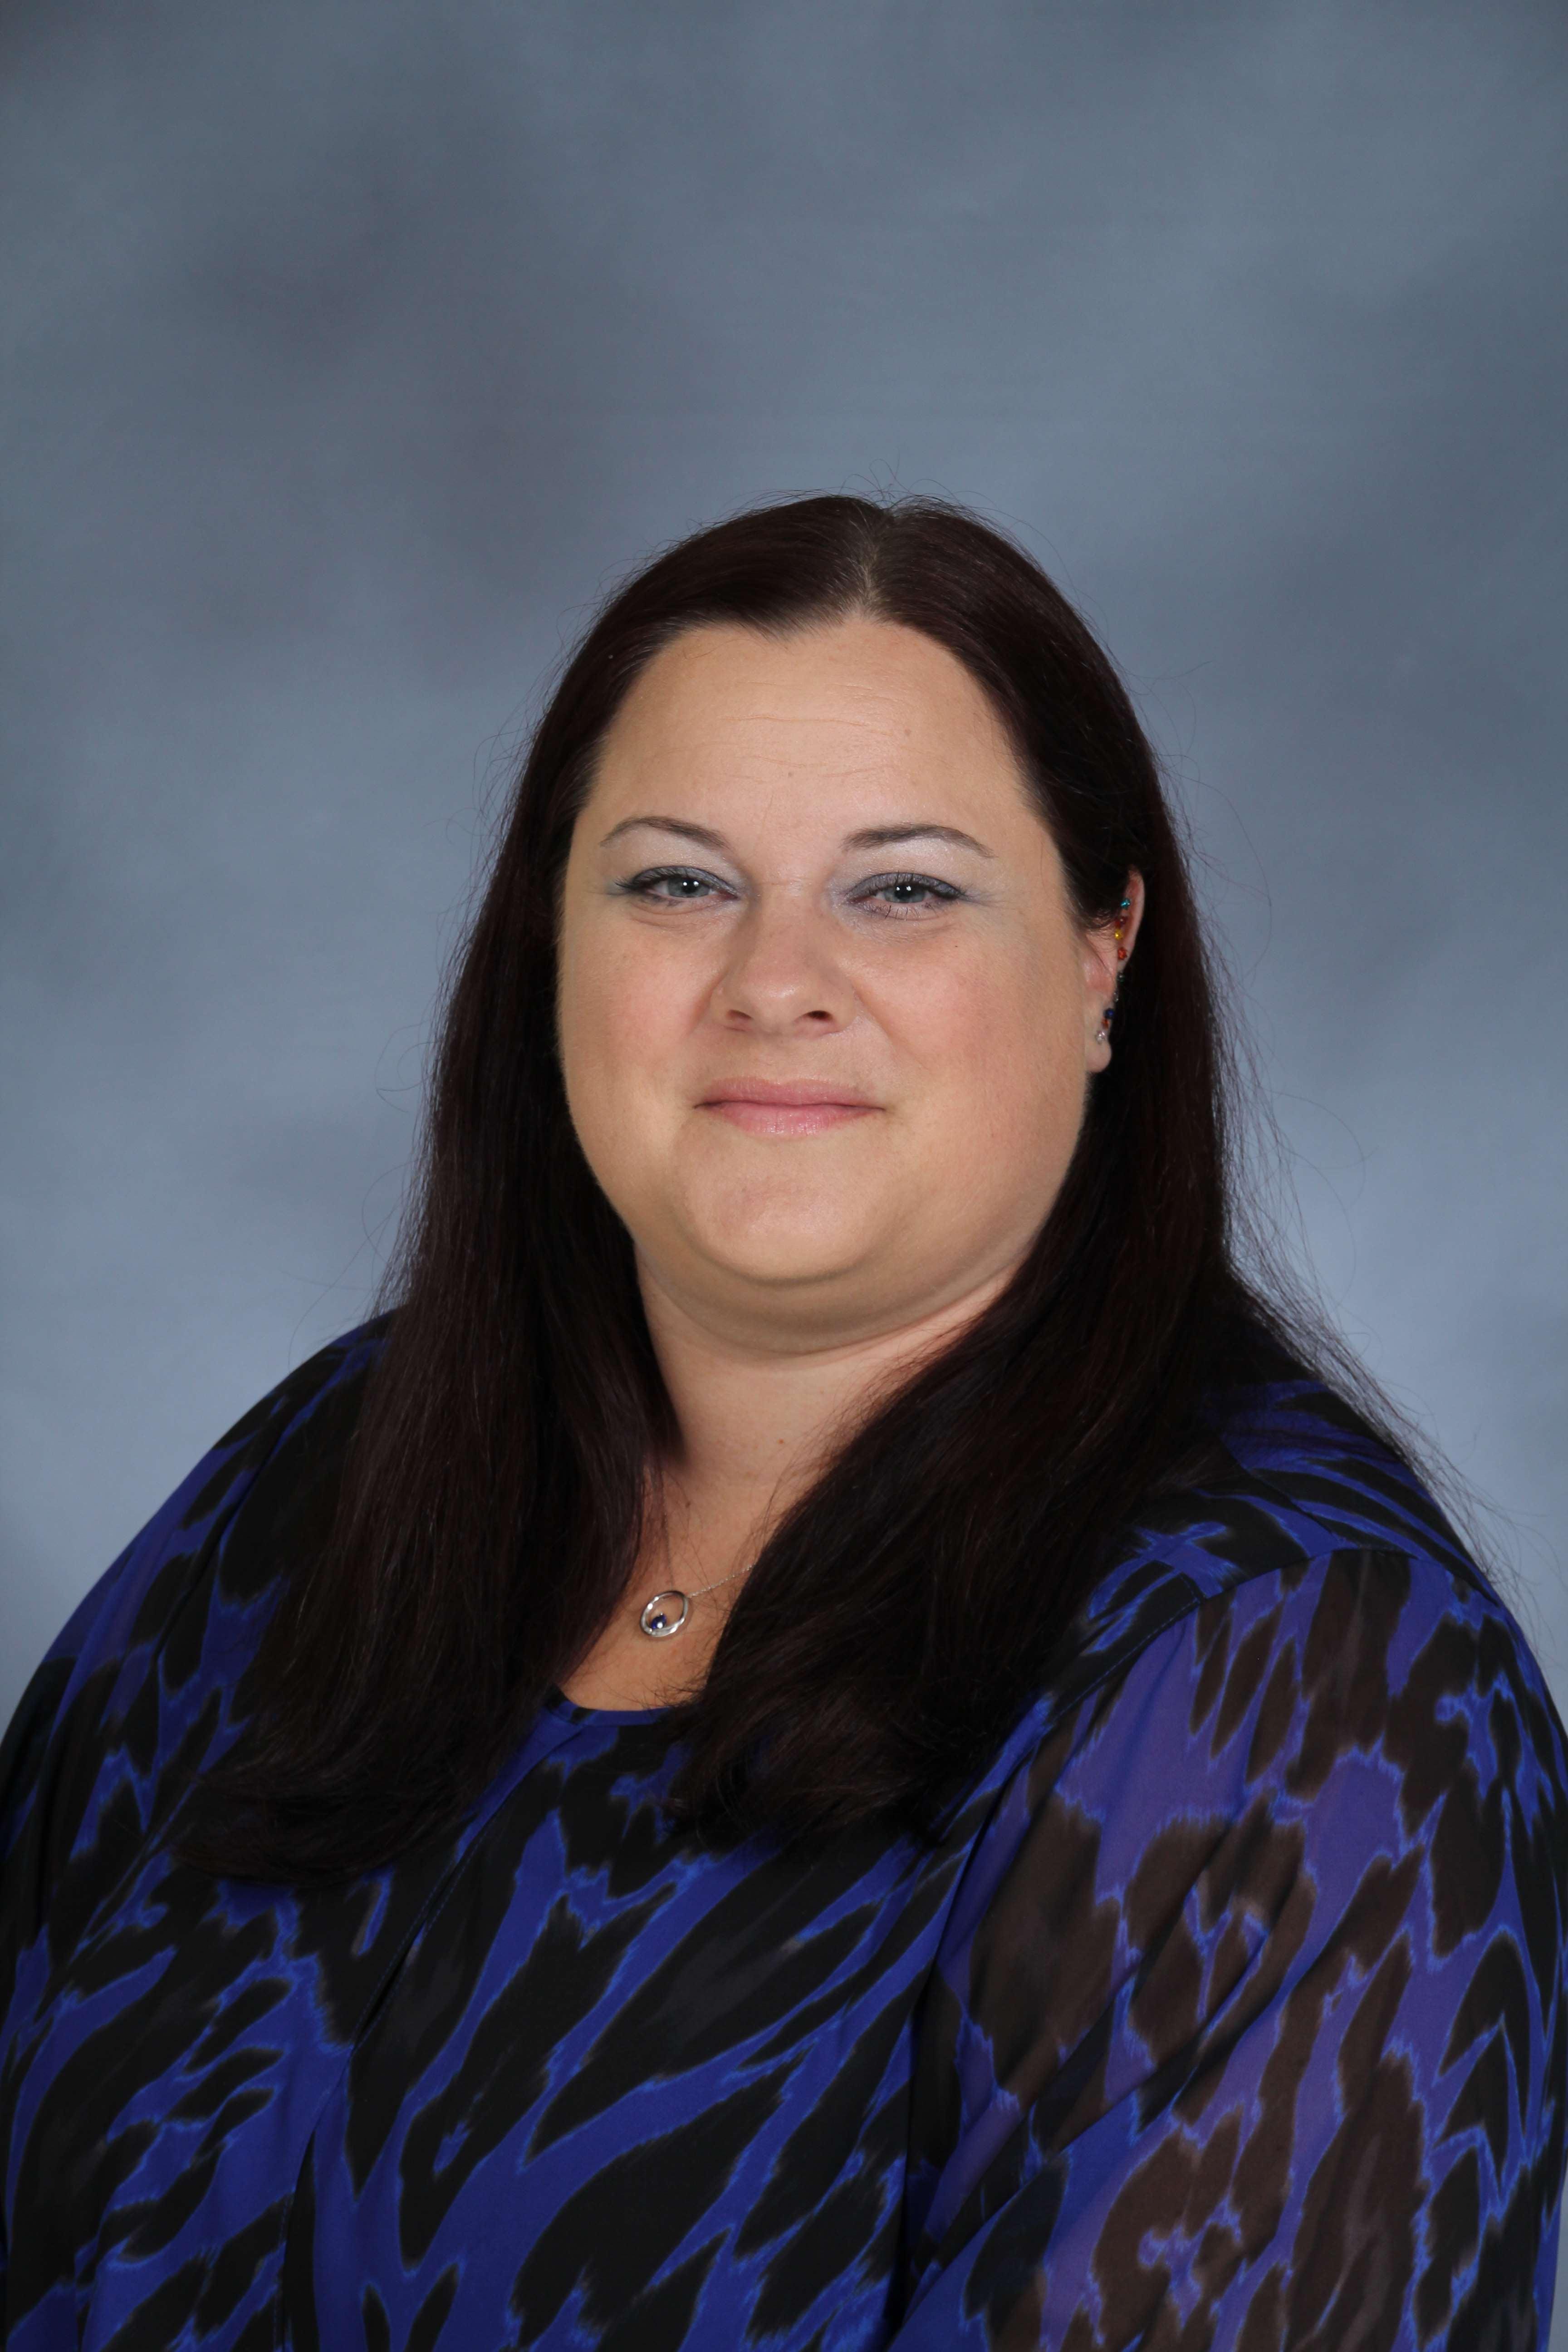 Mrs. Zielinski